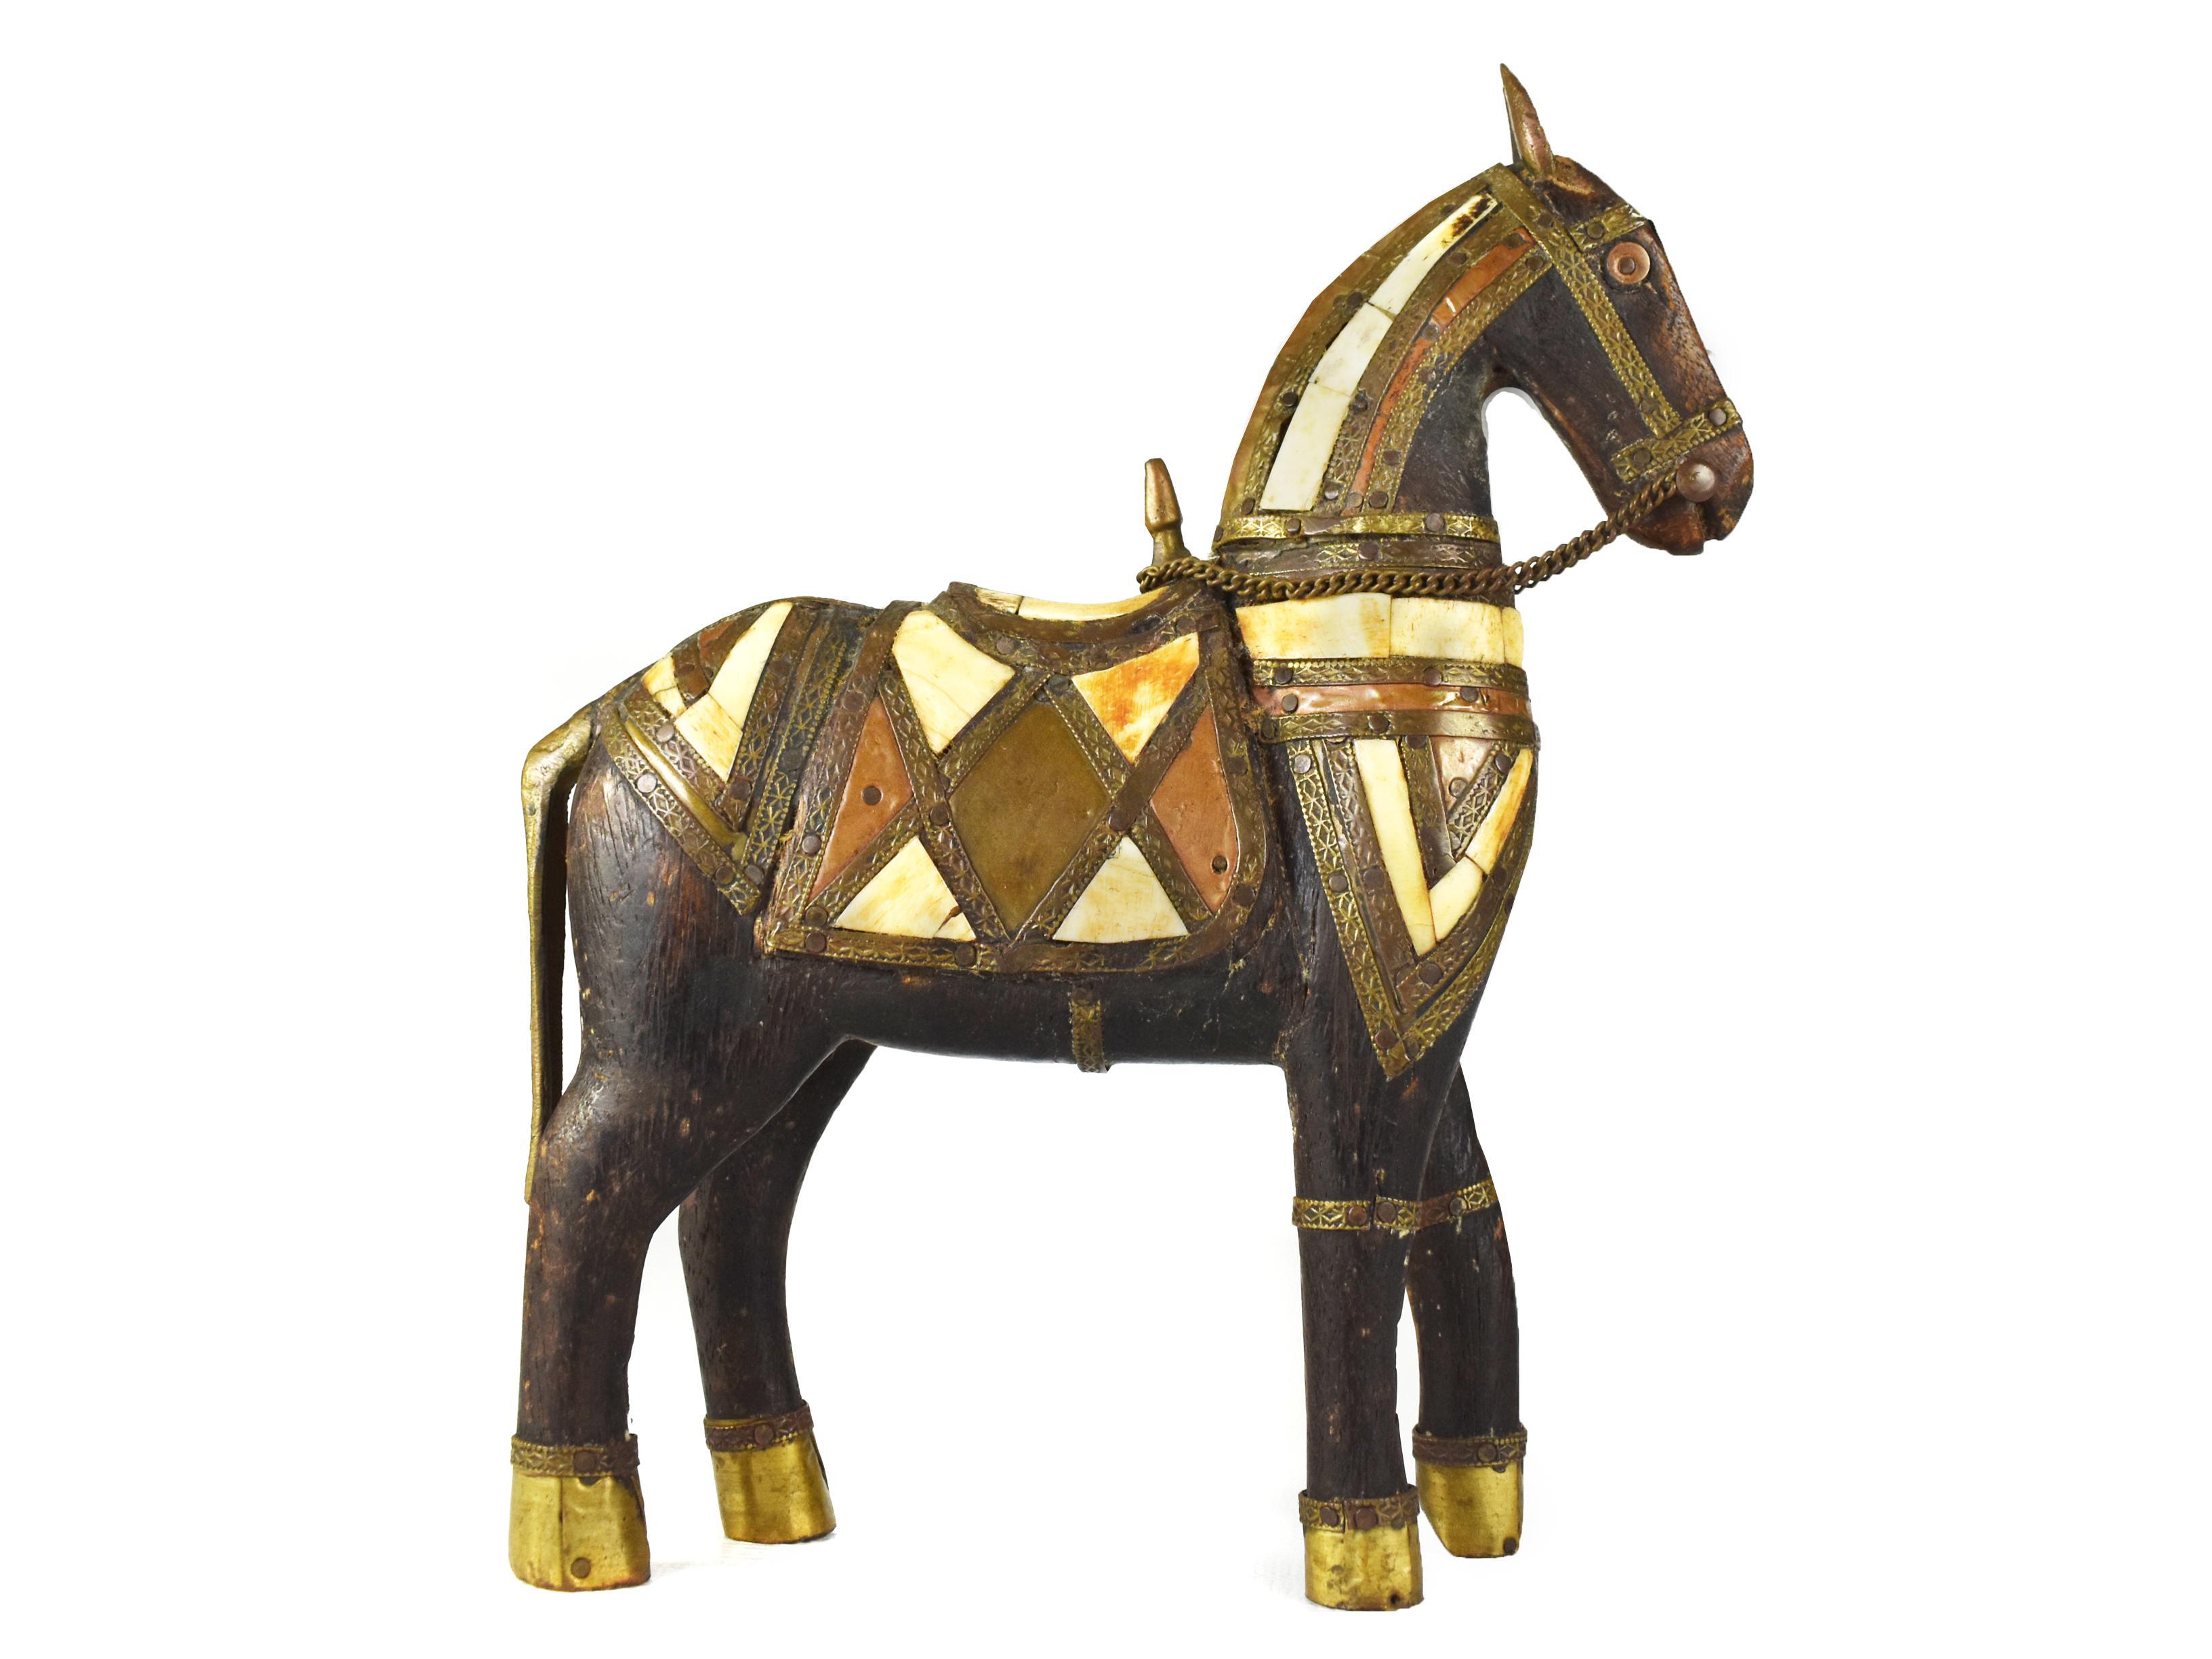 Antique Hand Carved Wooden Torojan Horse With Hand Hammered Brass Inlaid Bones Figurine Chairish